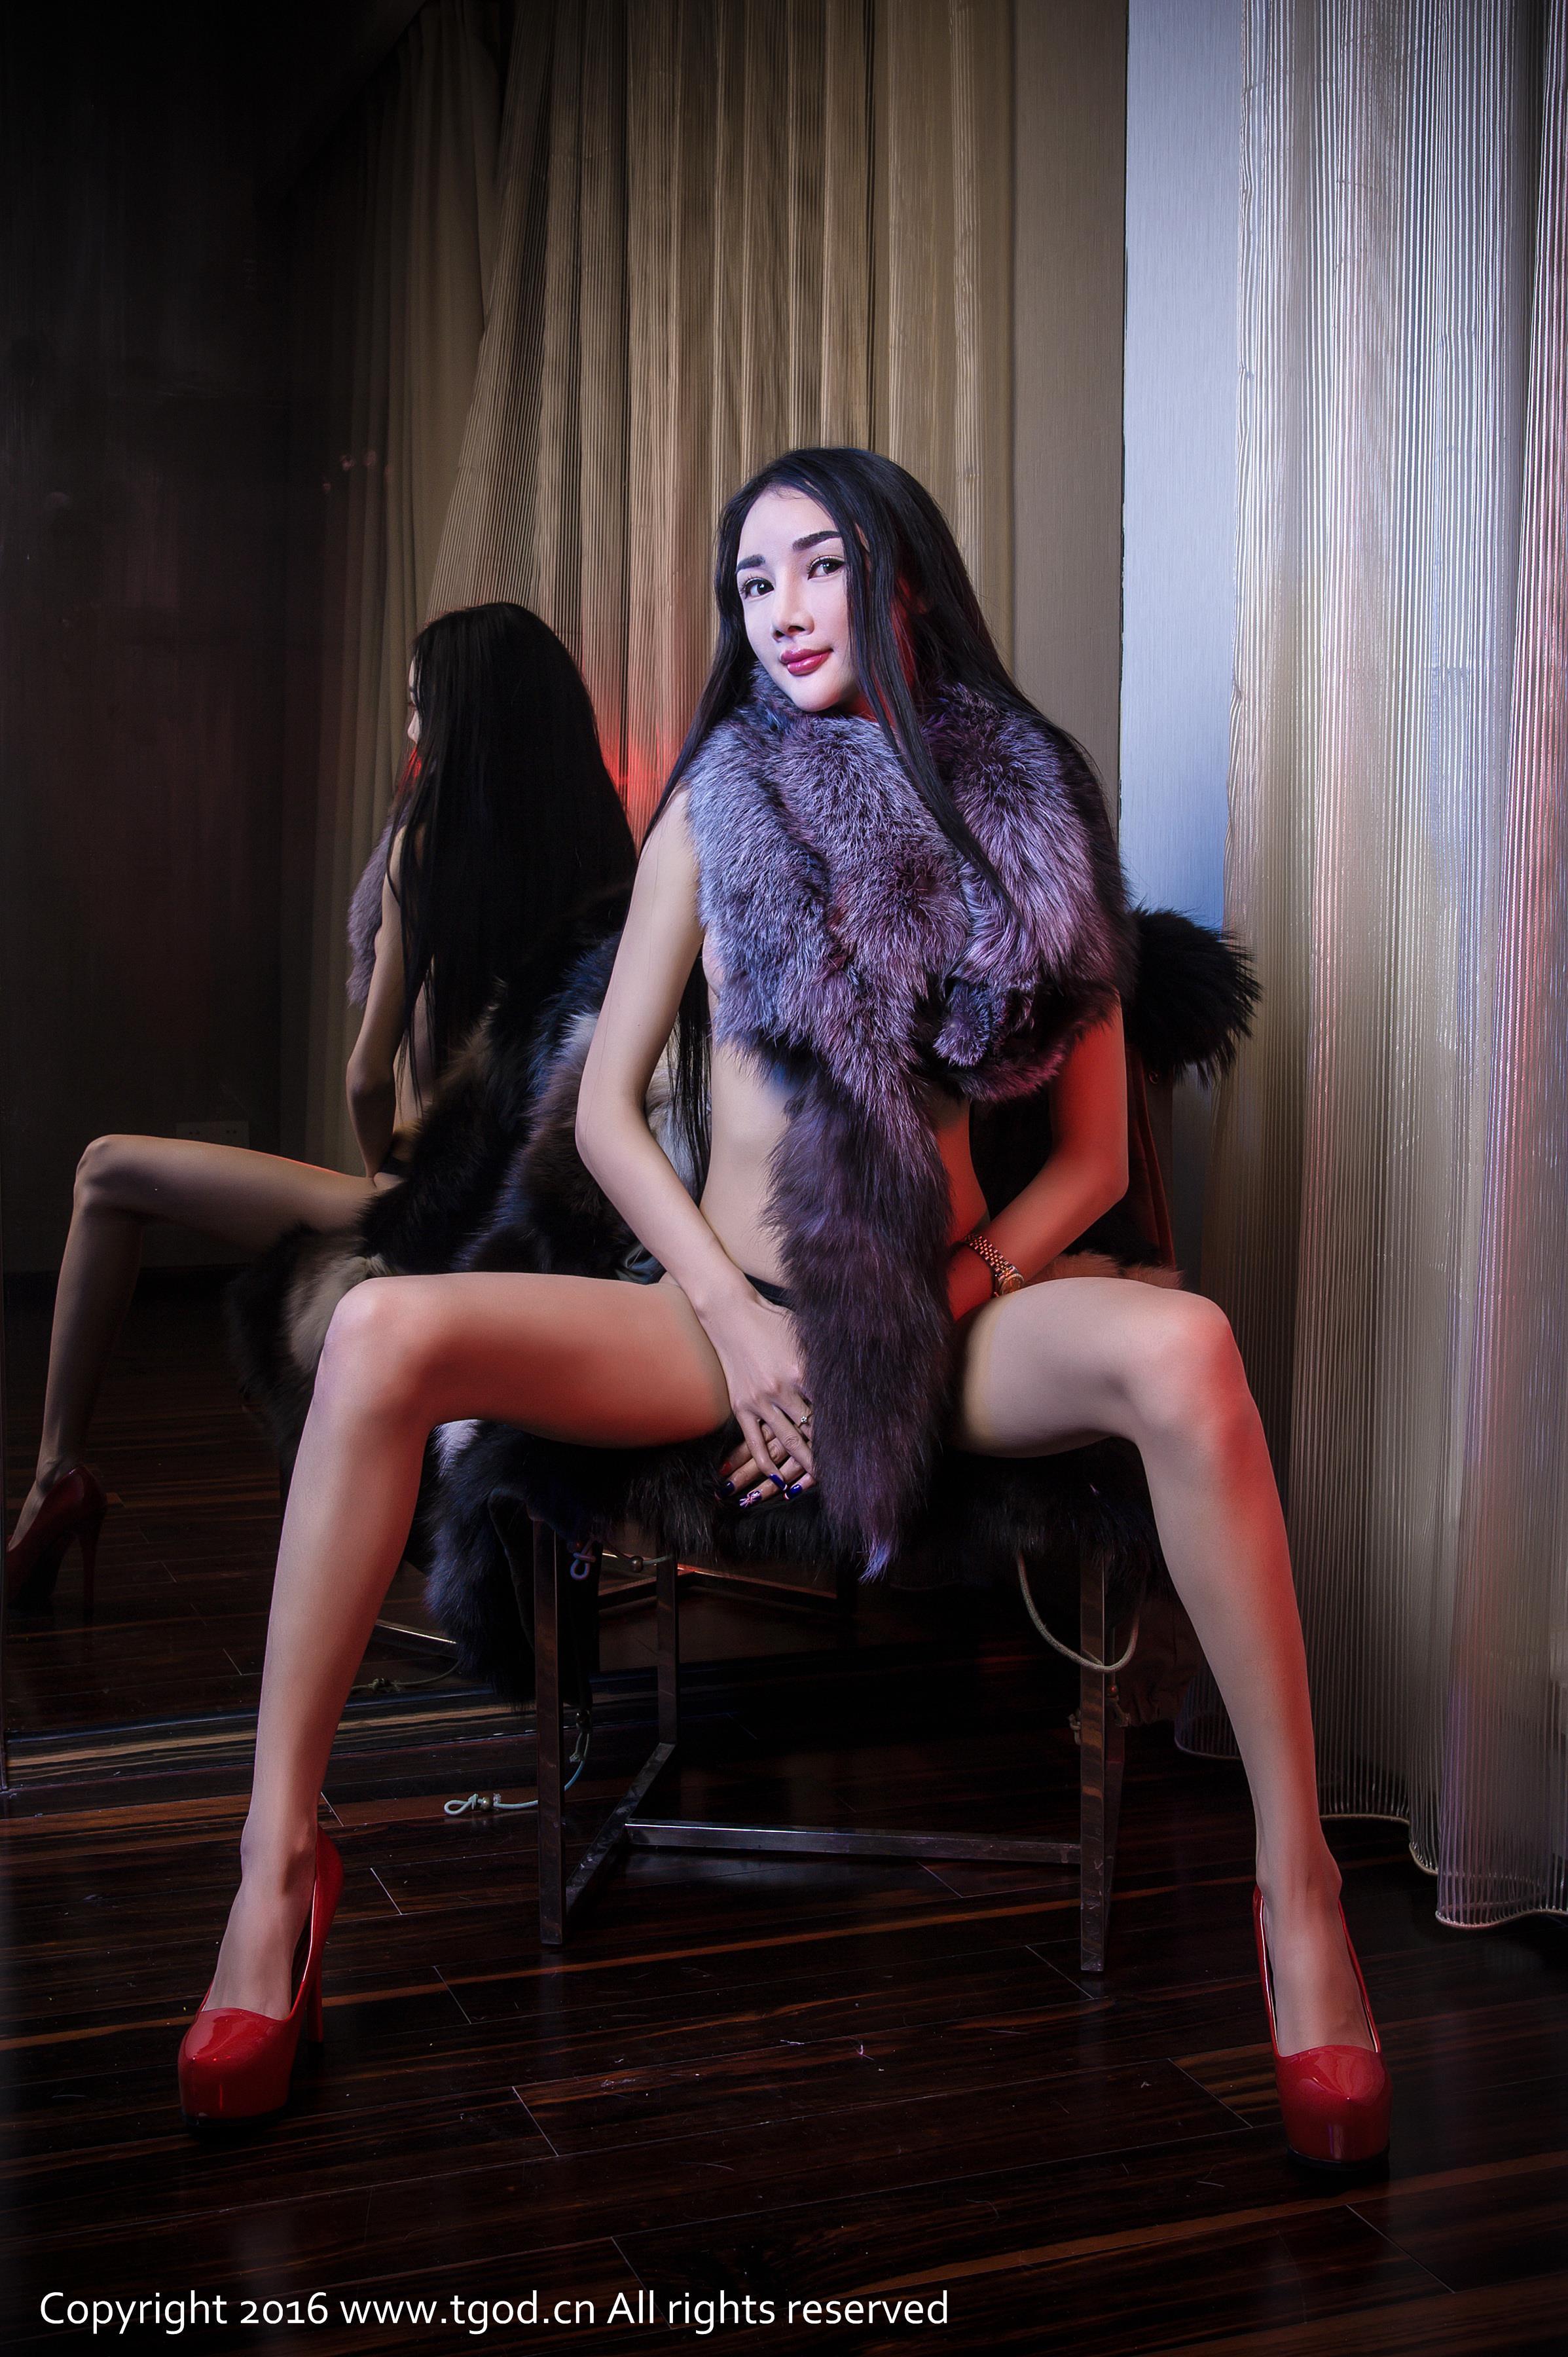 [TGOD推女神]2016-02-16 御女郎 婕西儿 第三辑 红色外套与半裸性感玉体私房写真集